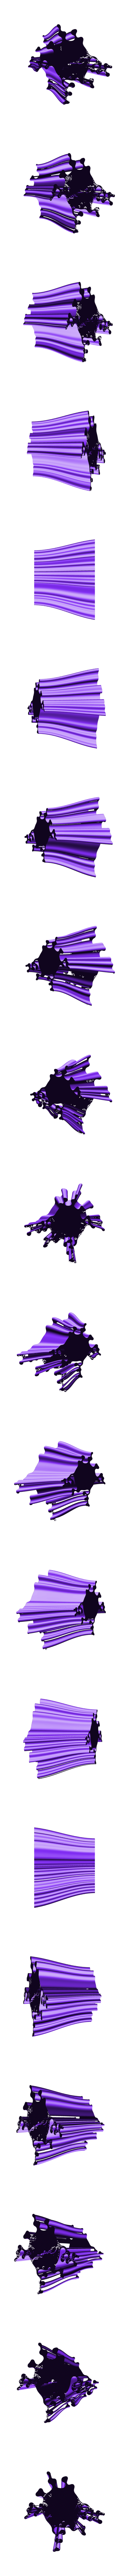 penholder-10.stl Download free STL file Wavy Penholders Collection (15 files) • 3D print design, ferjerez3d